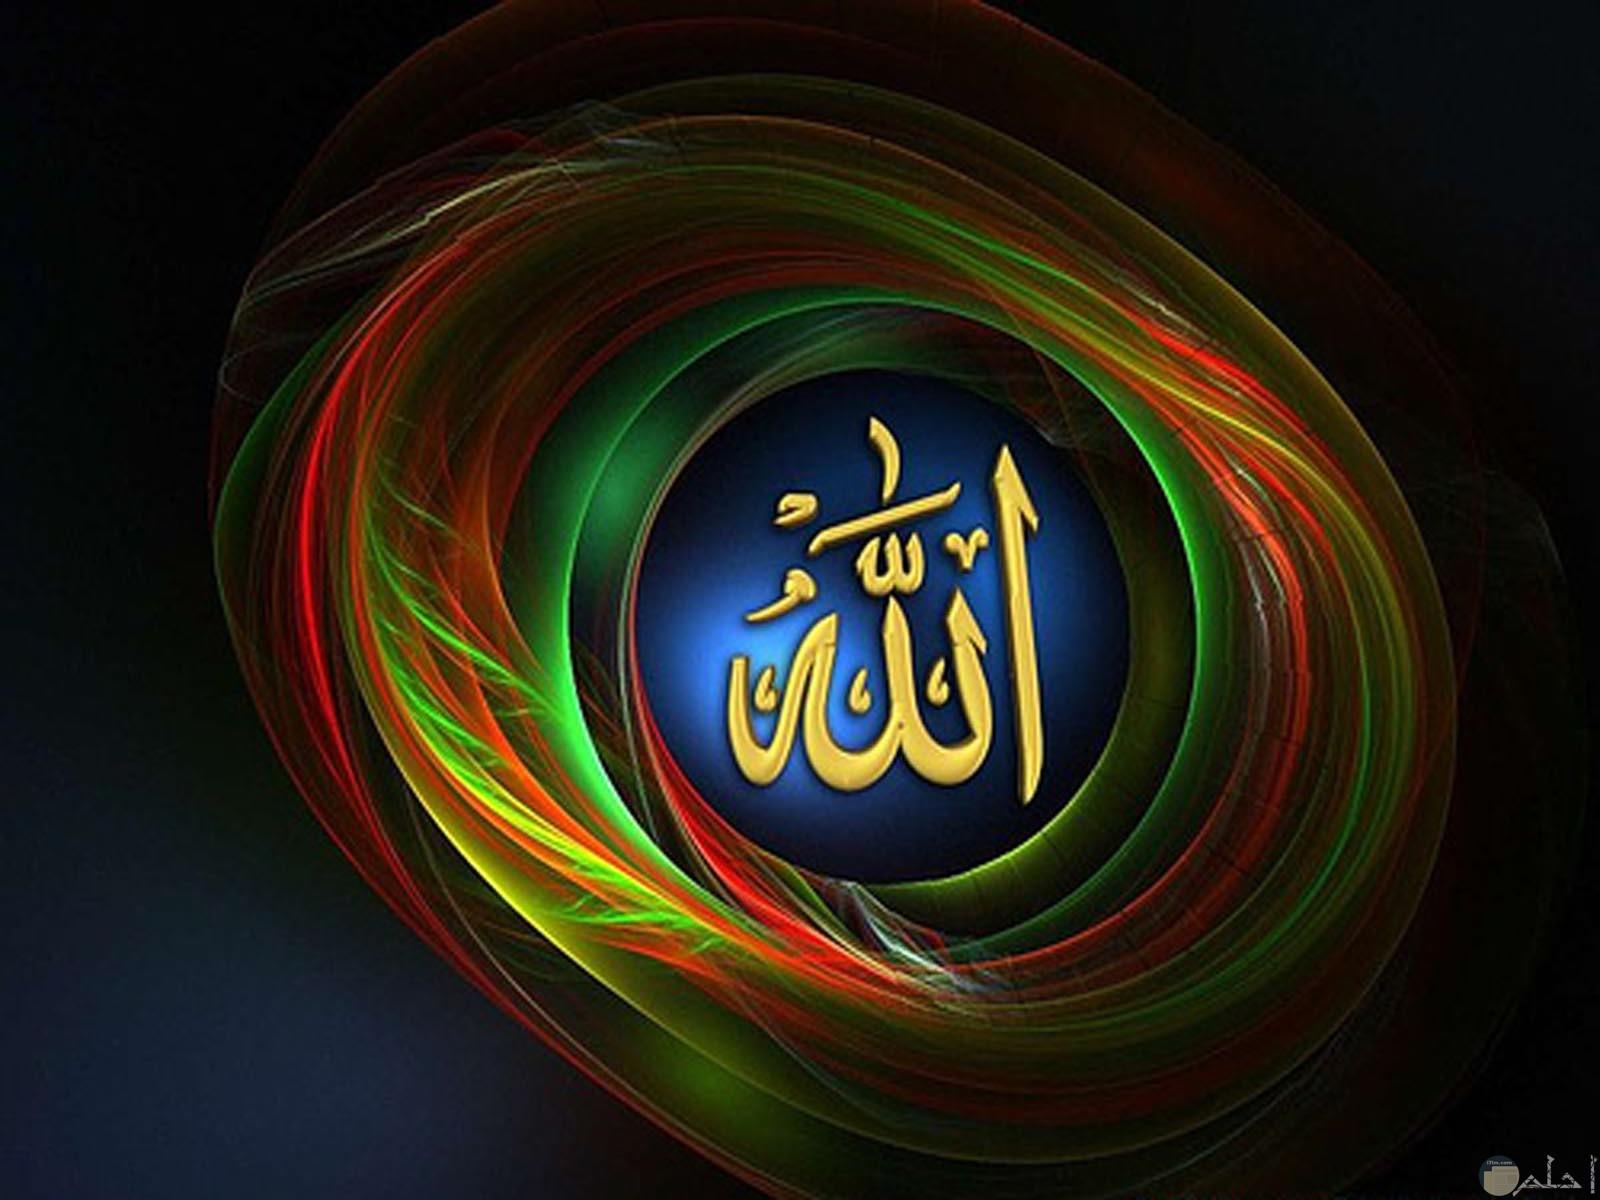 اجمل الخلفيات الدينية لفظ الجلاله الله